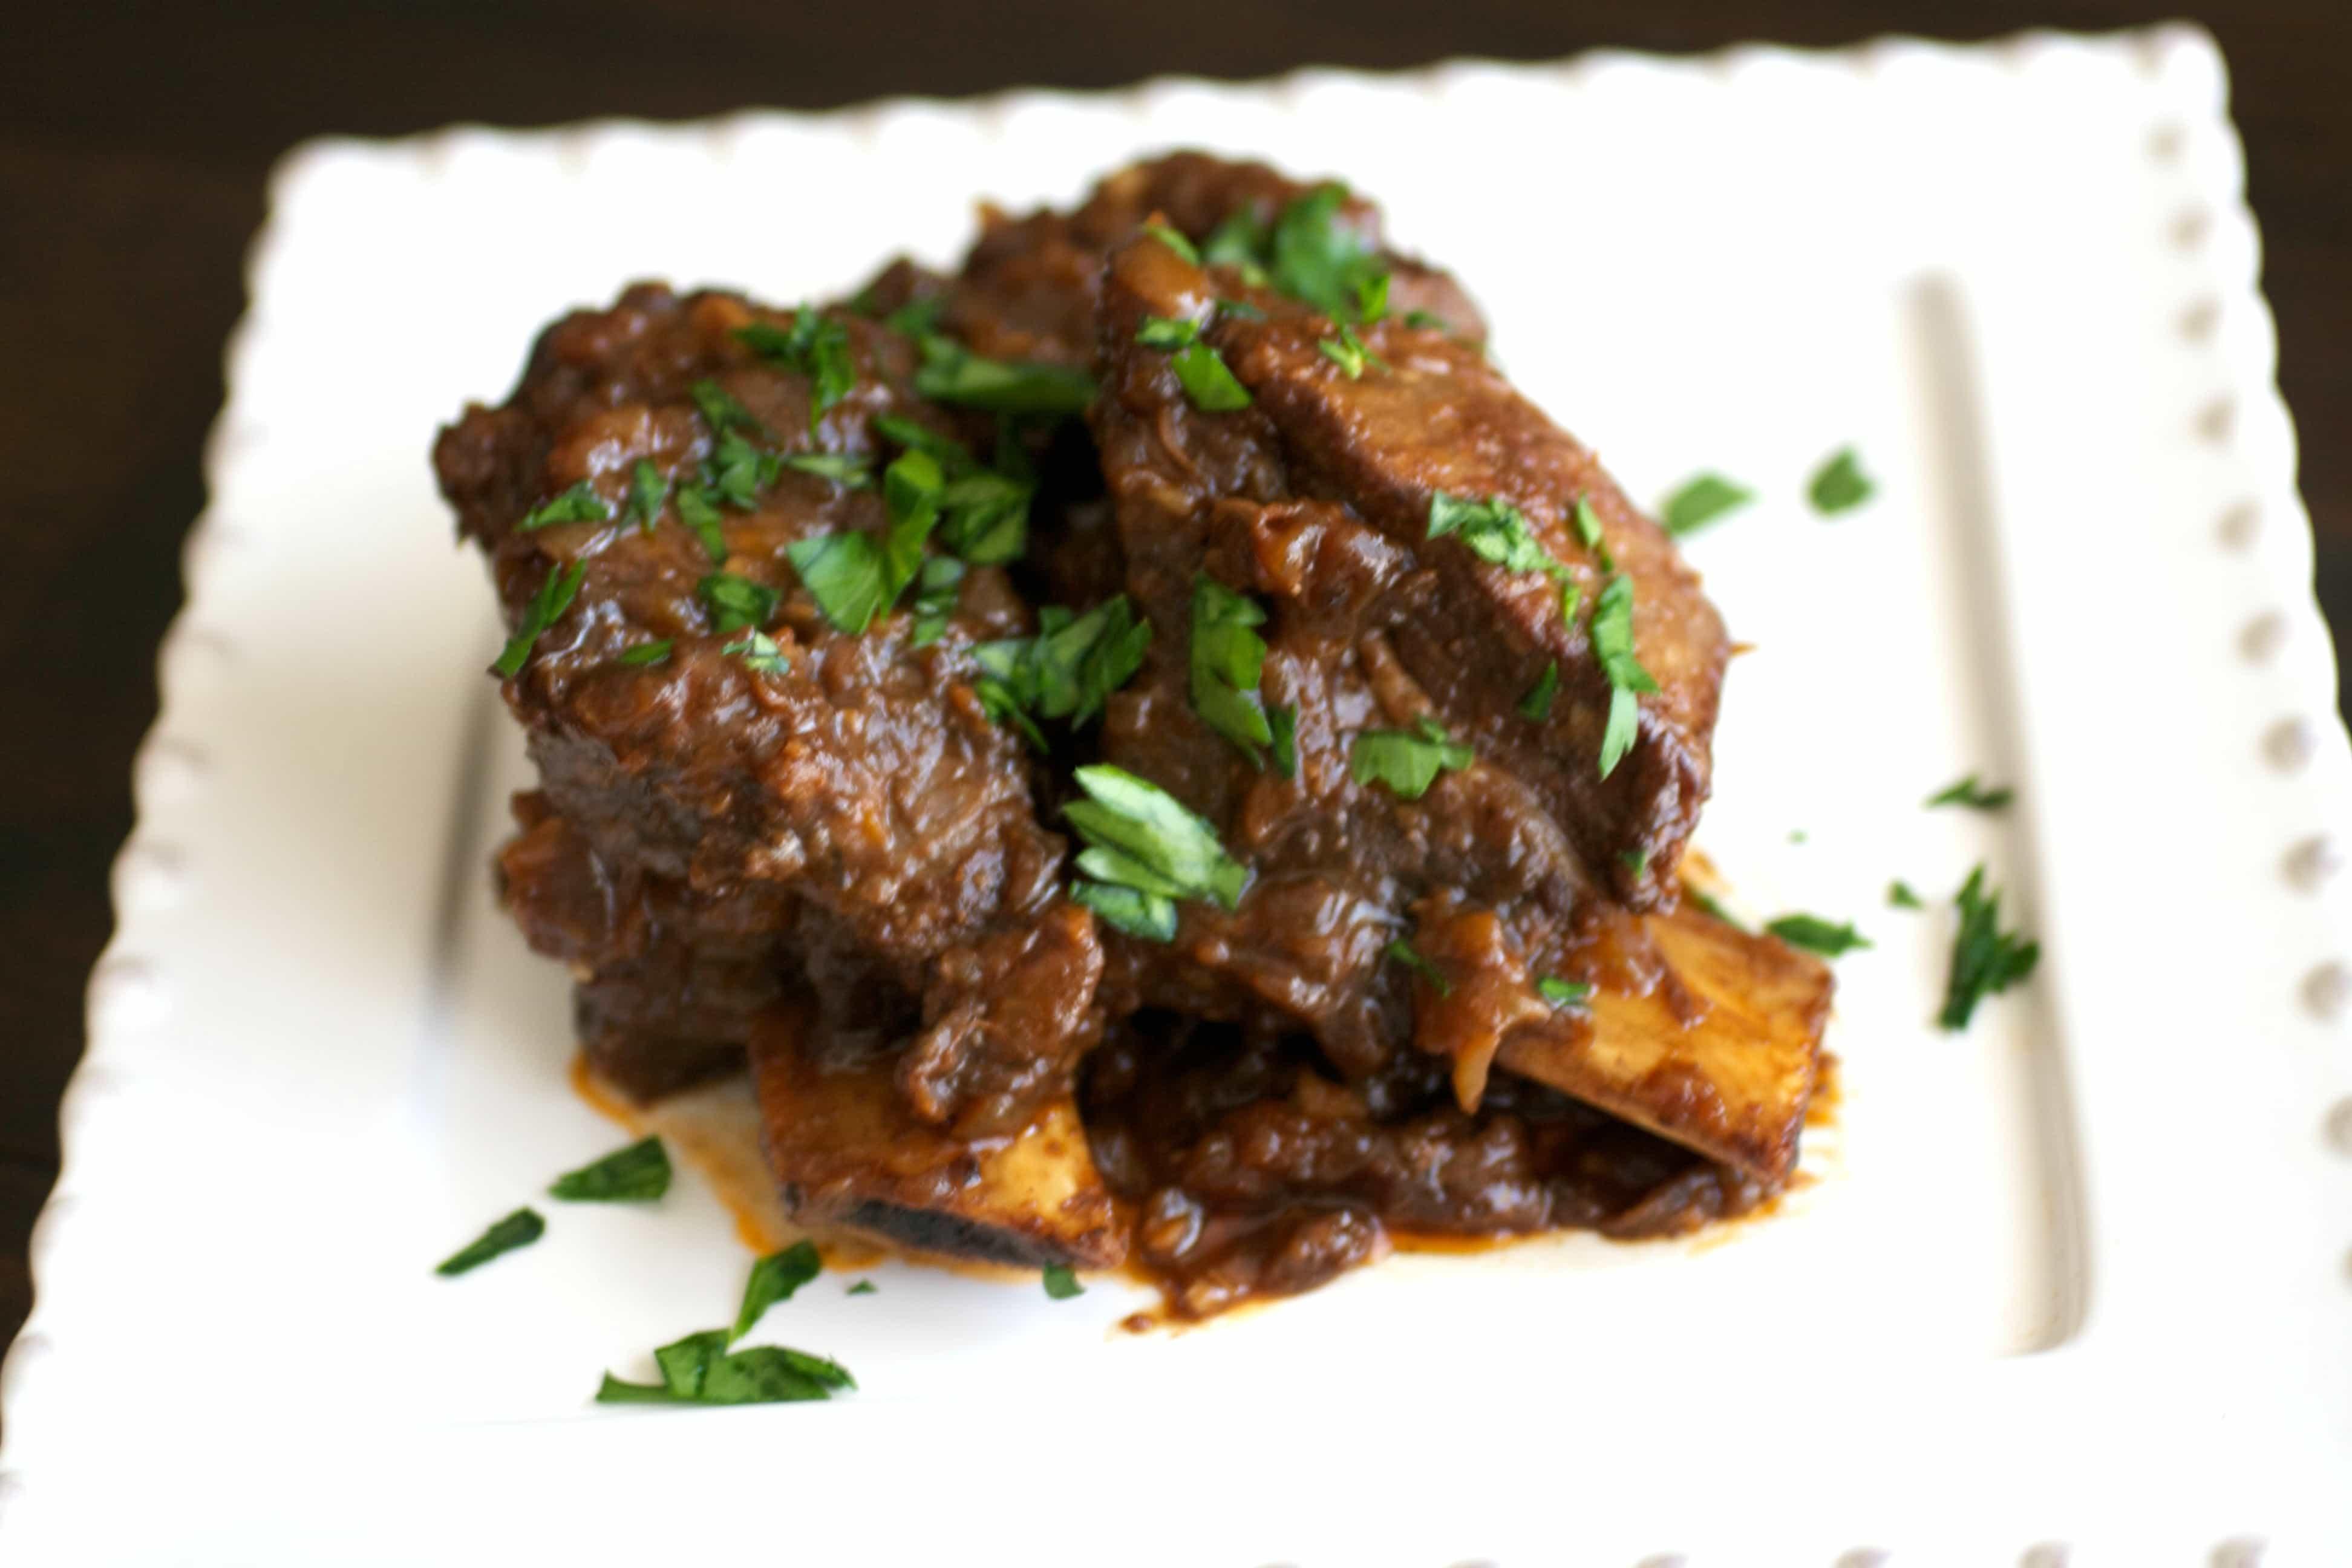 Braised Beef Short Ribs  Easy Tender Braised Beef Short Ribs Slow Cooker Recipe